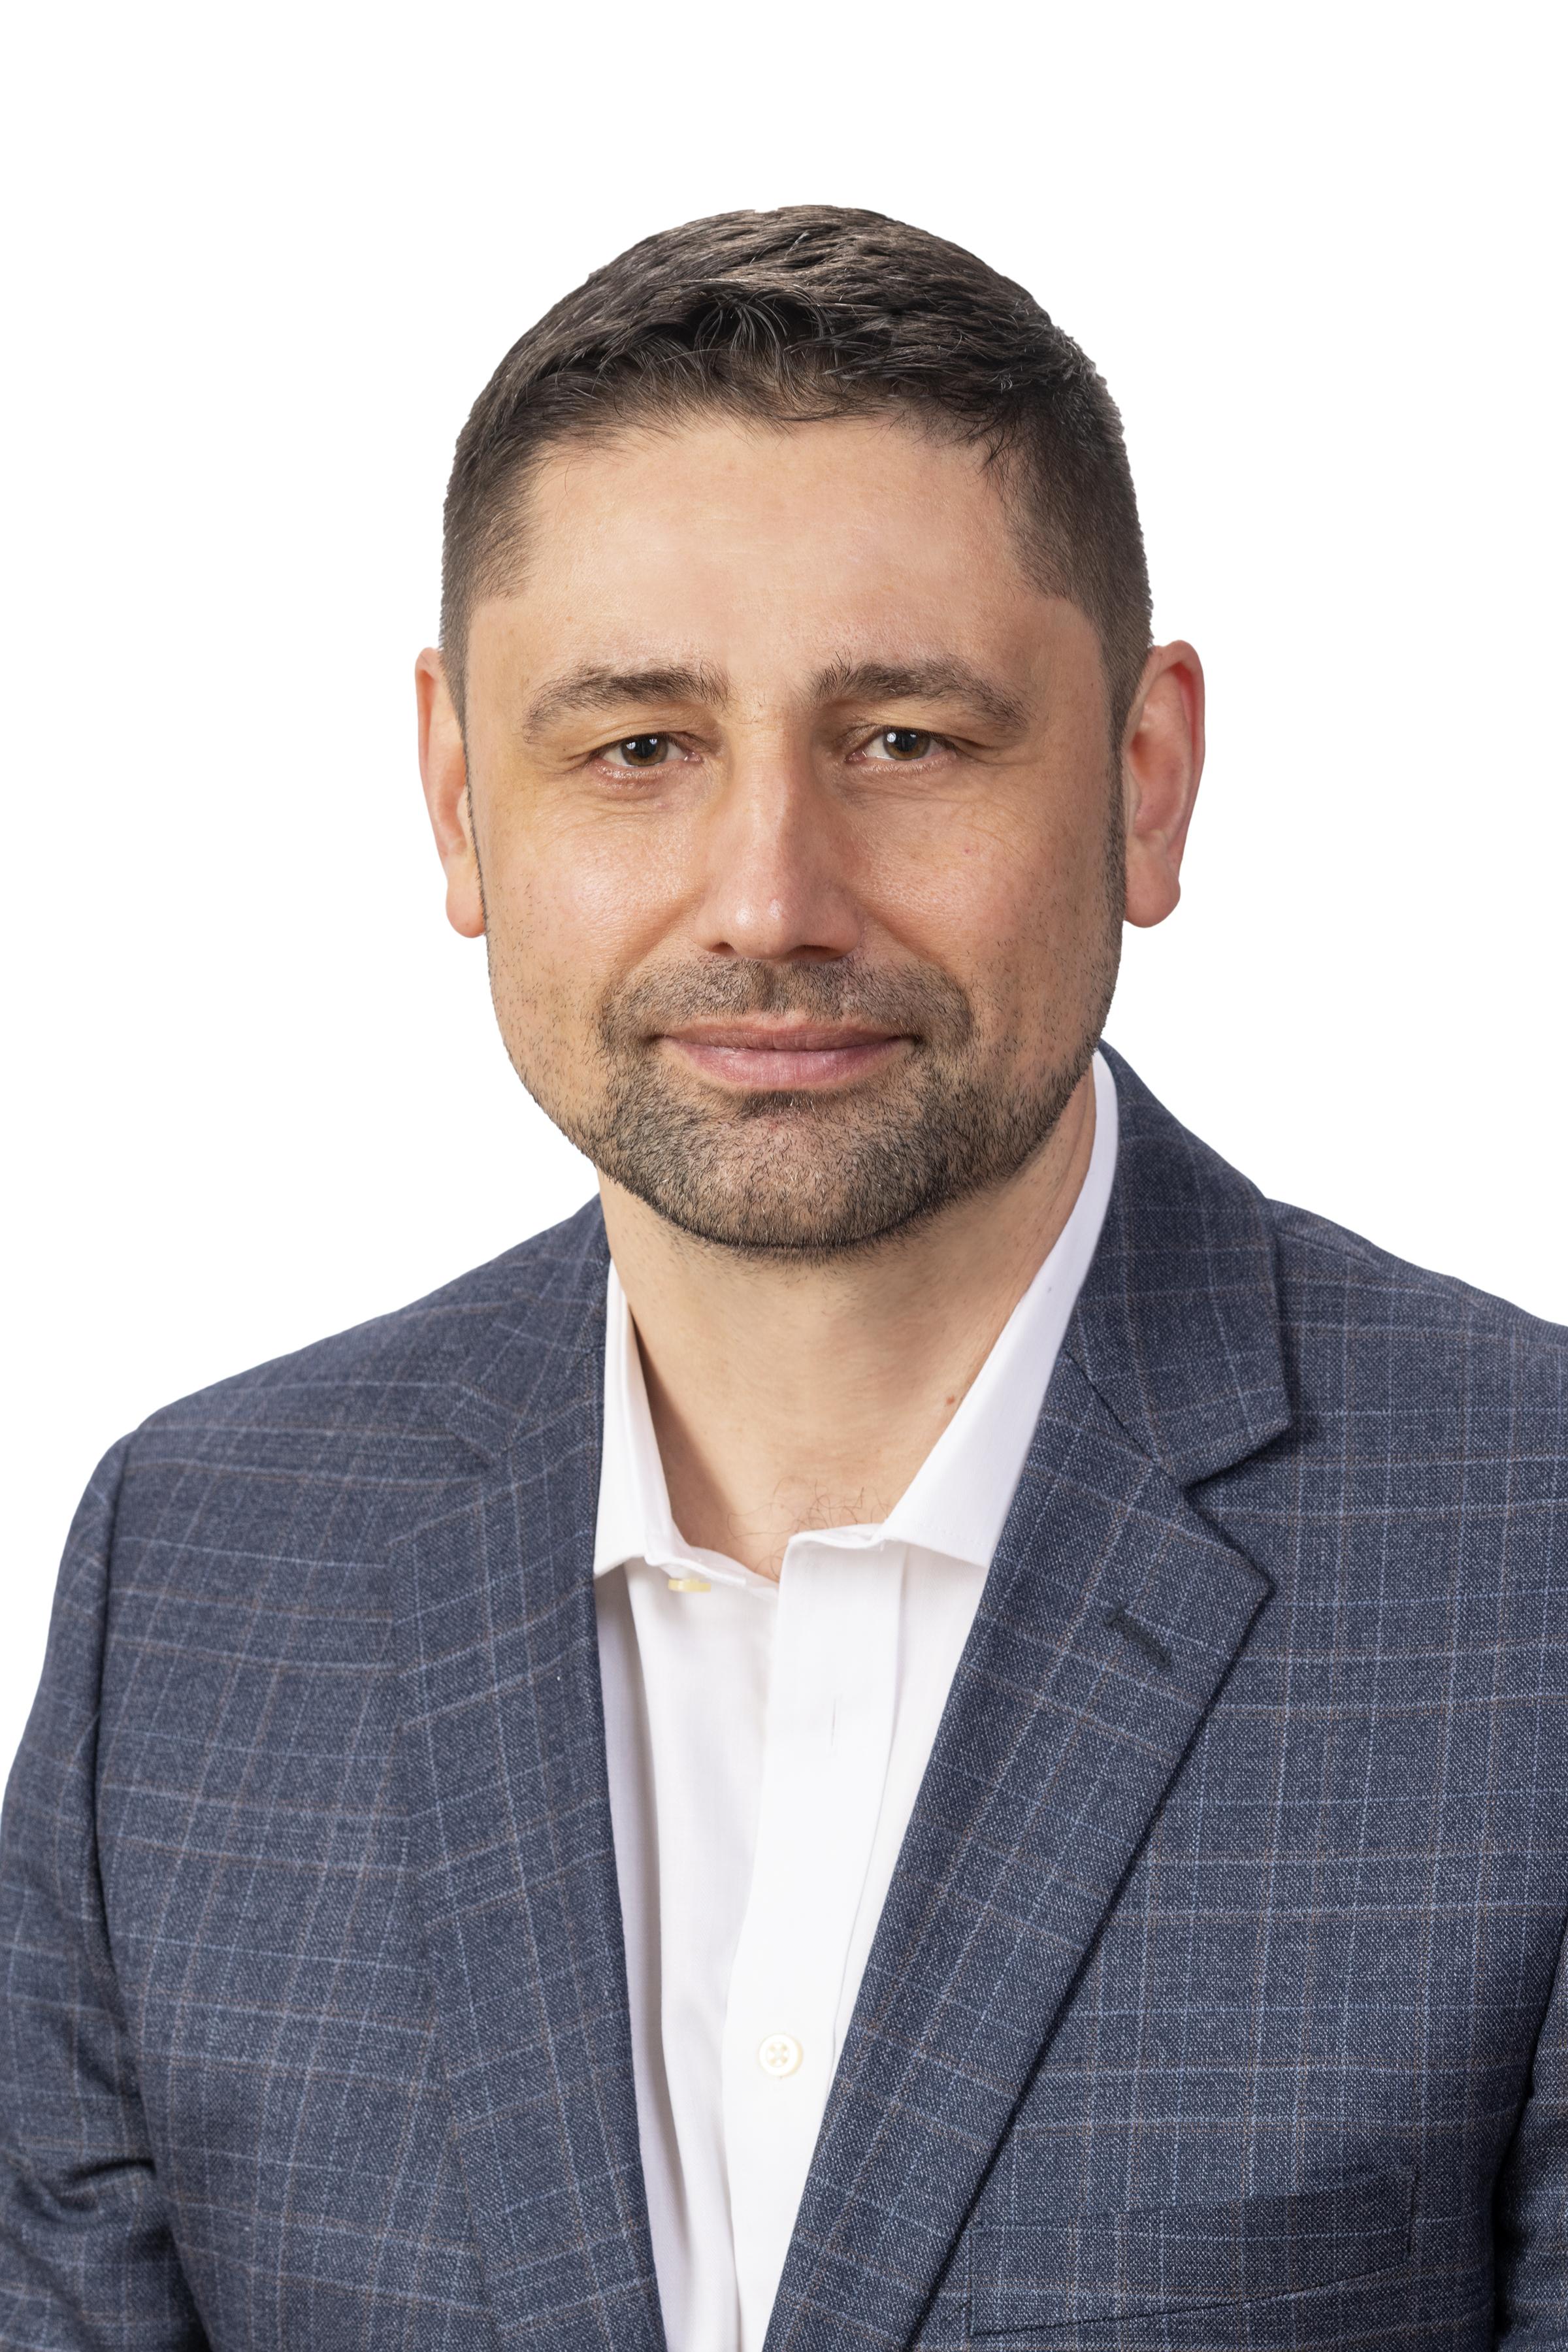 Peter undefined Semenyuk